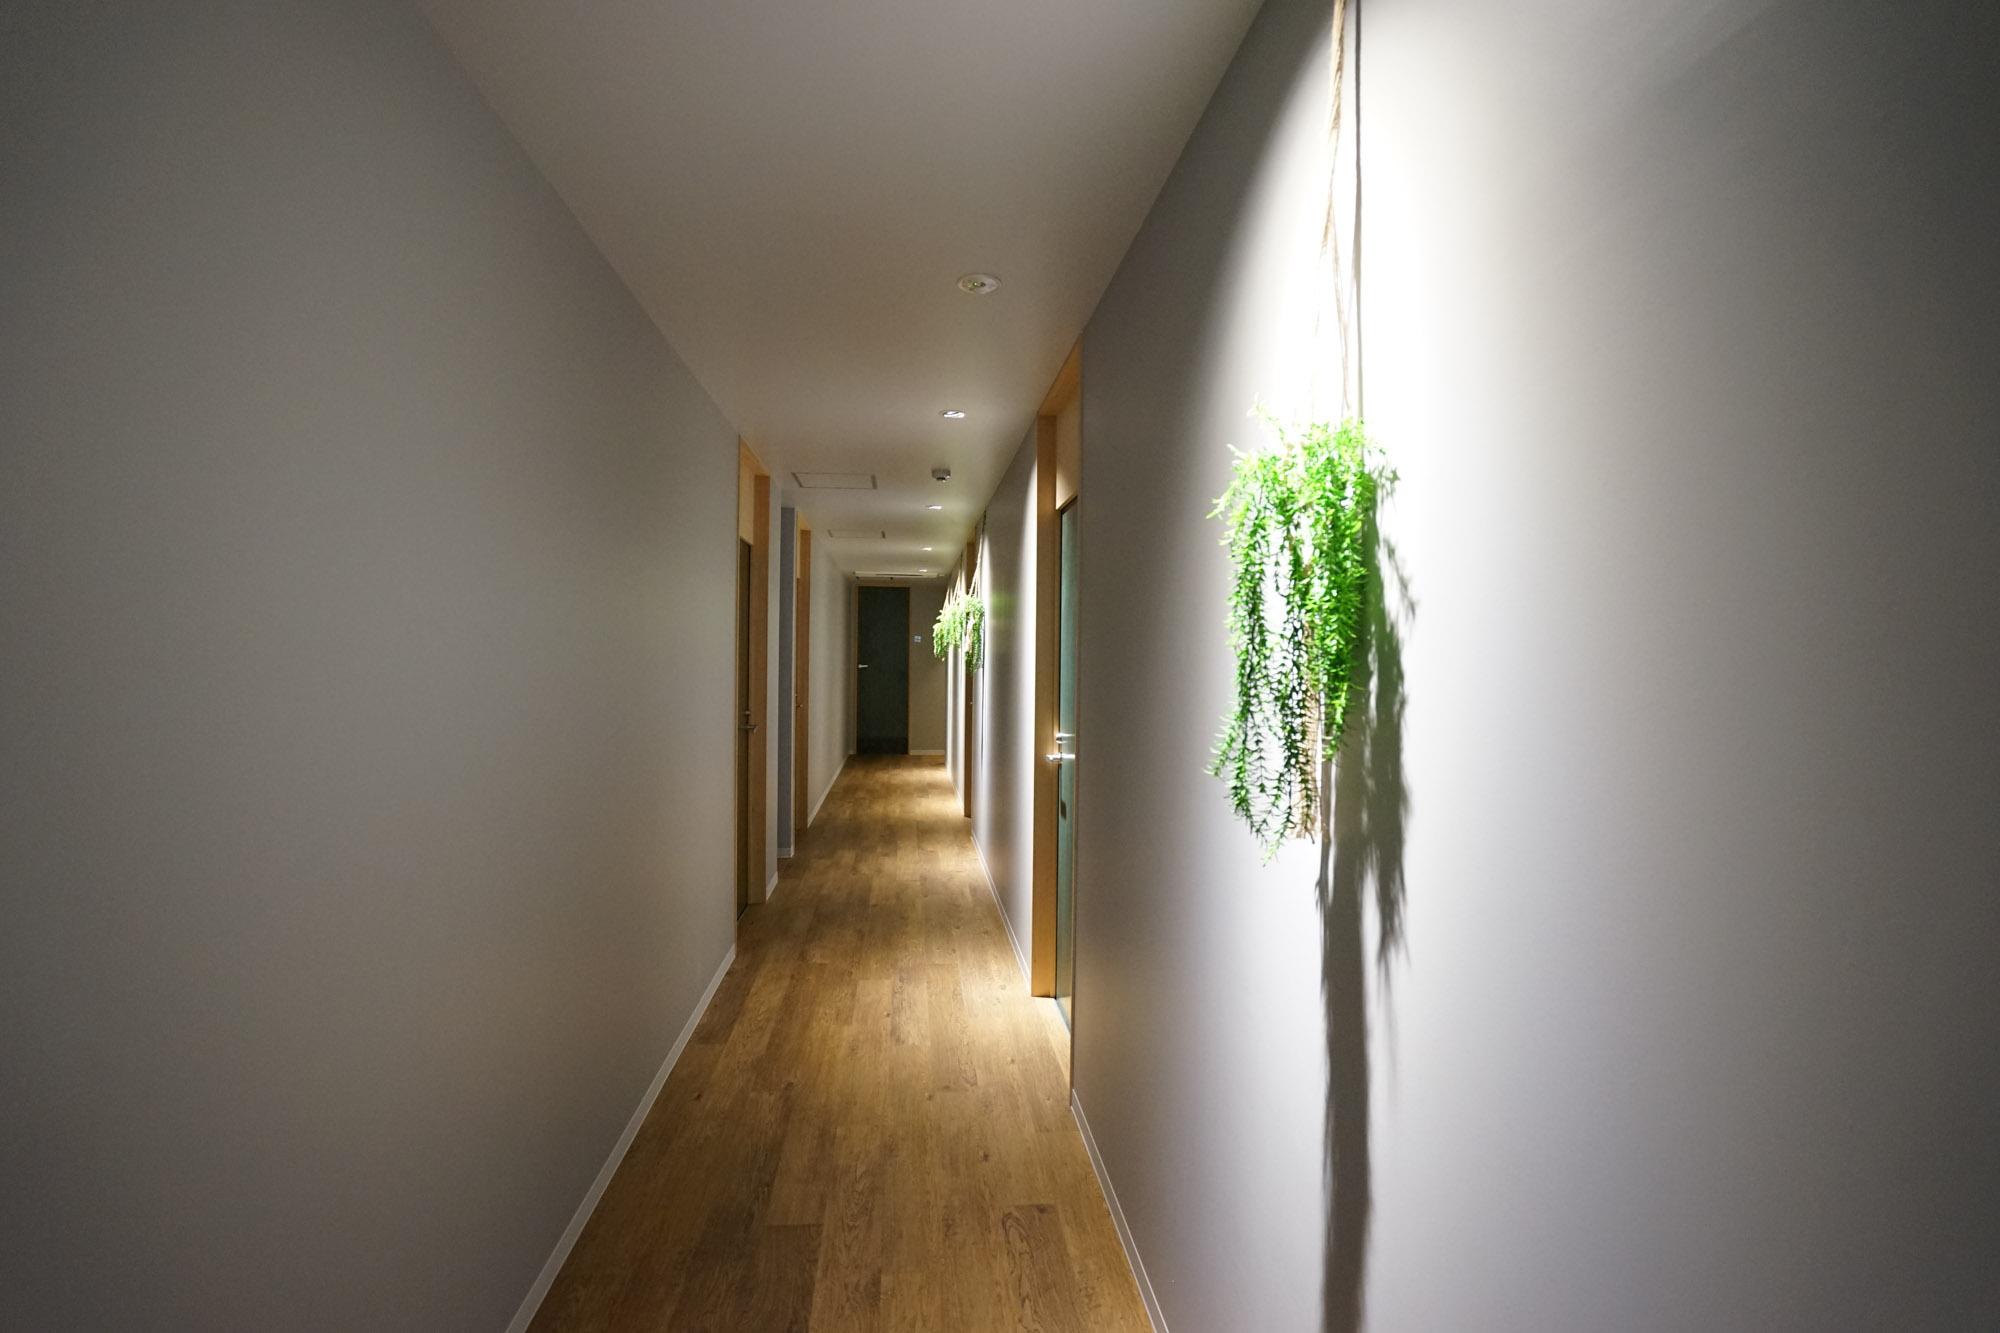 廊下も清潔でおしゃれな雰囲気です。